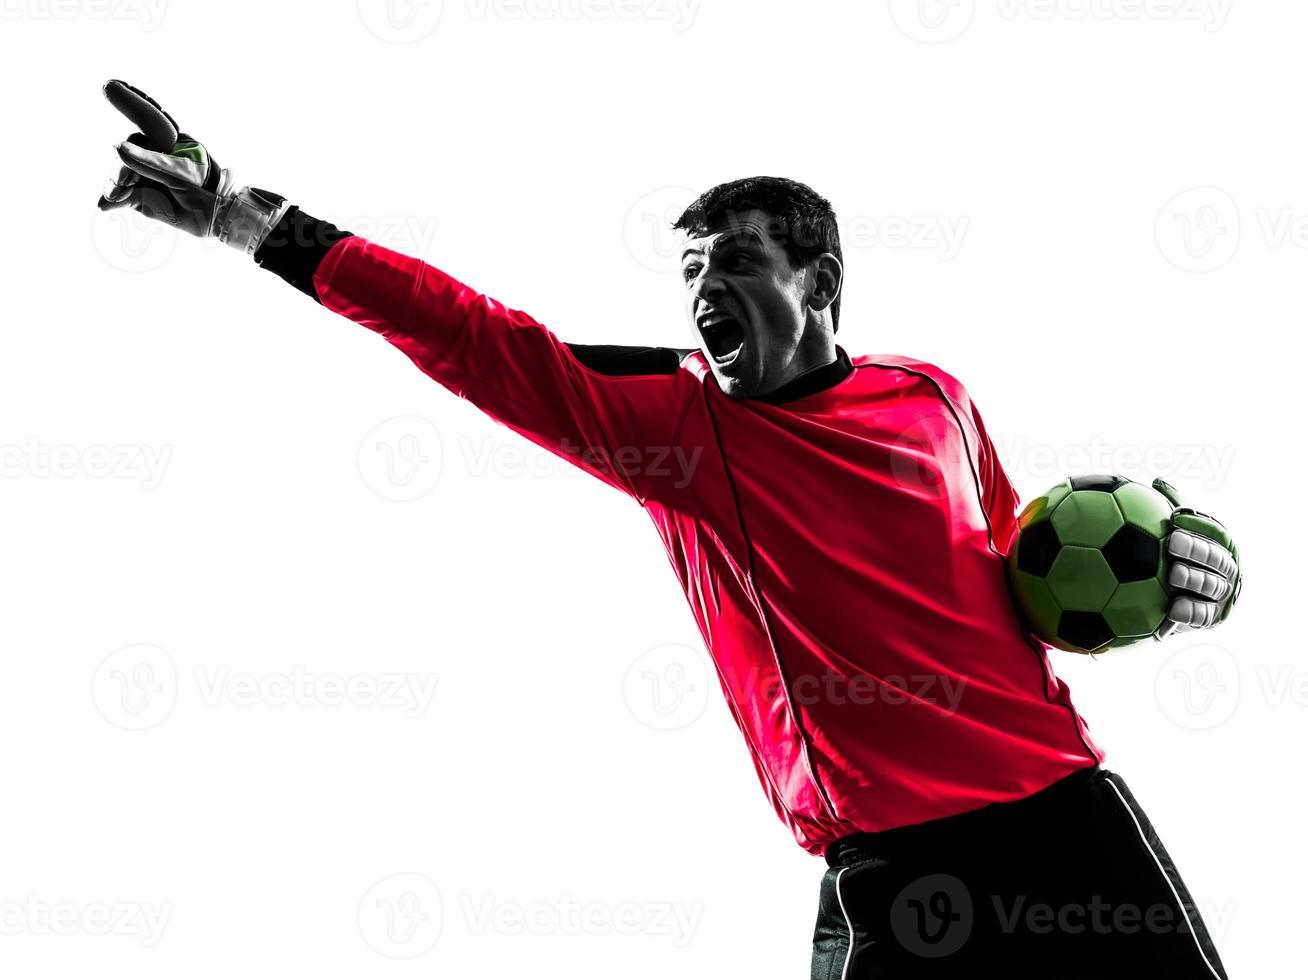 kaukasiska fotbollsspelare målvakt man pekar silhuett foto